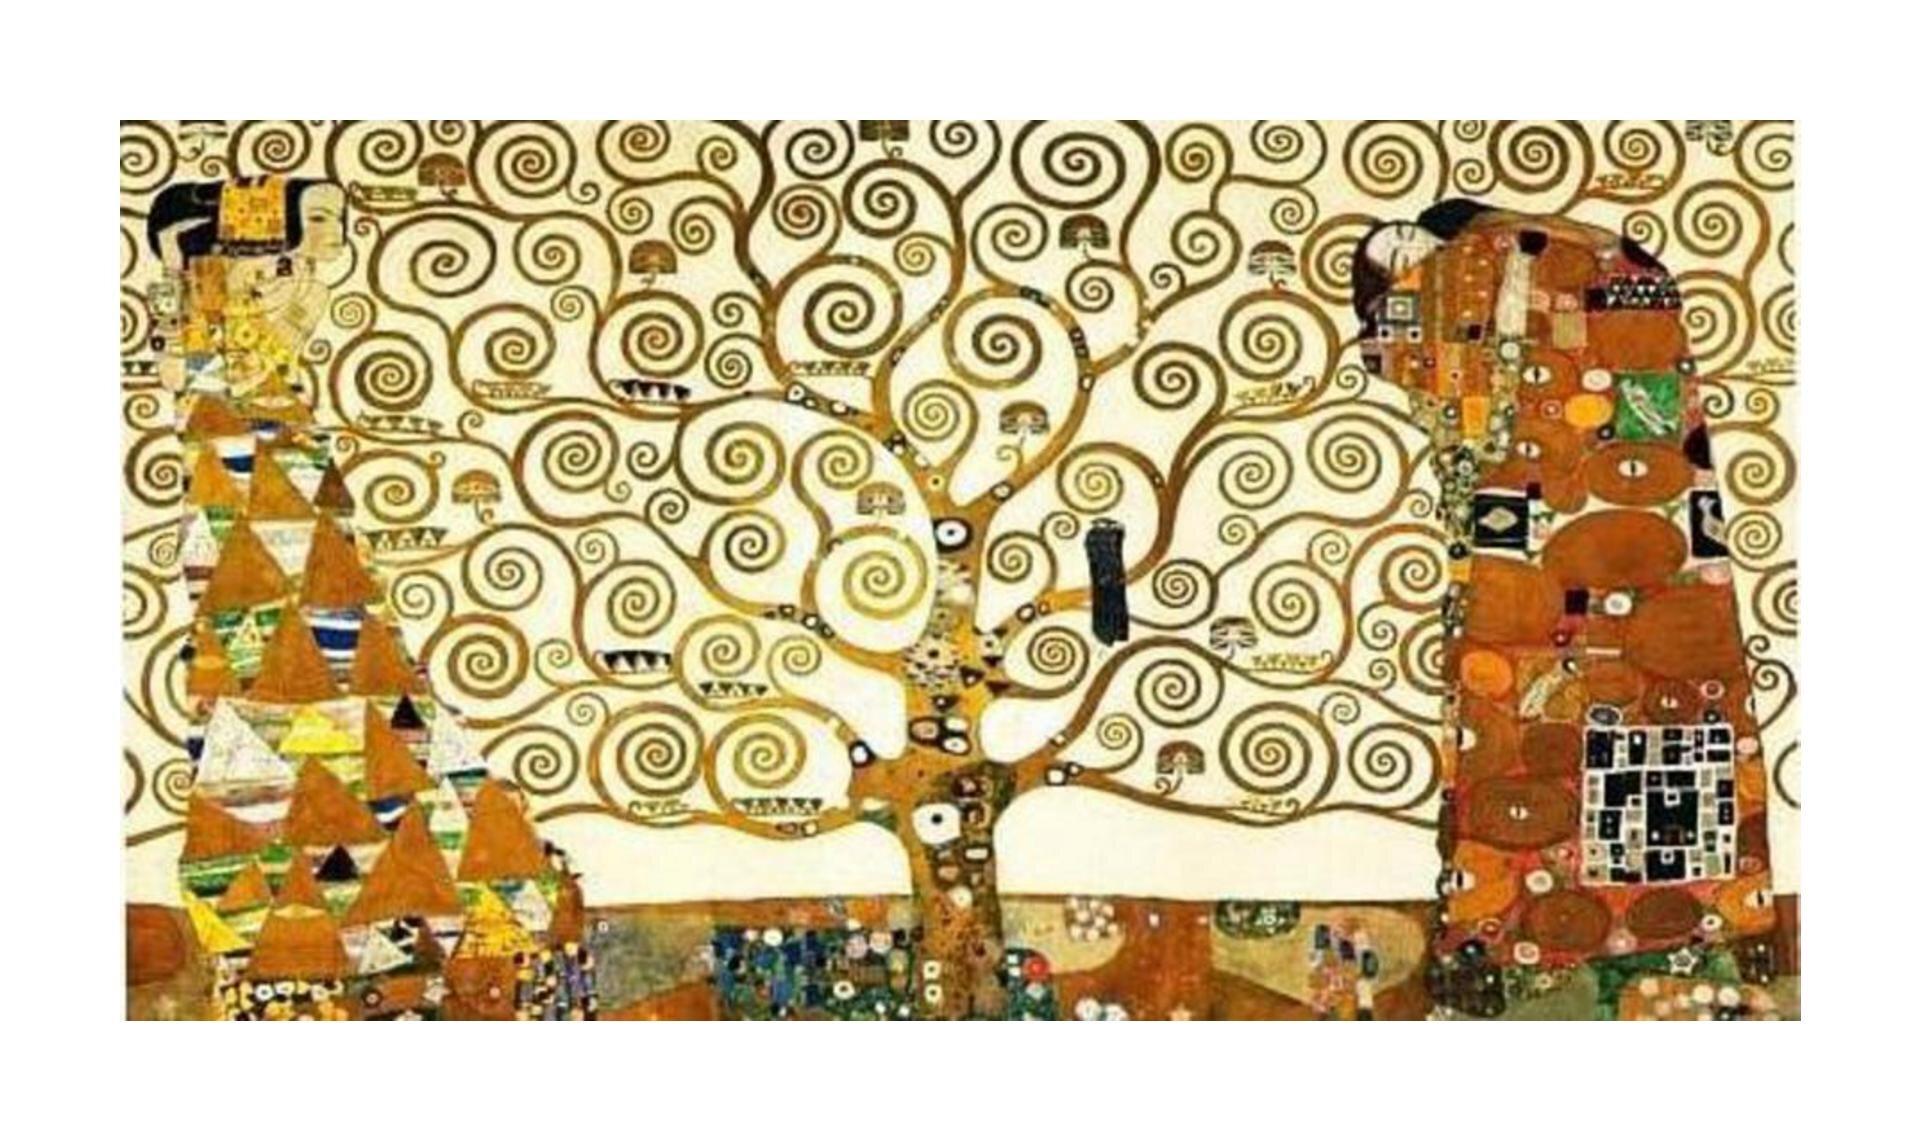 Połącz elementy dotyczące poniższego dzieła Klimta oraz przeanalizuj je pod względem dzieła totalnego isyntezy sztuk: